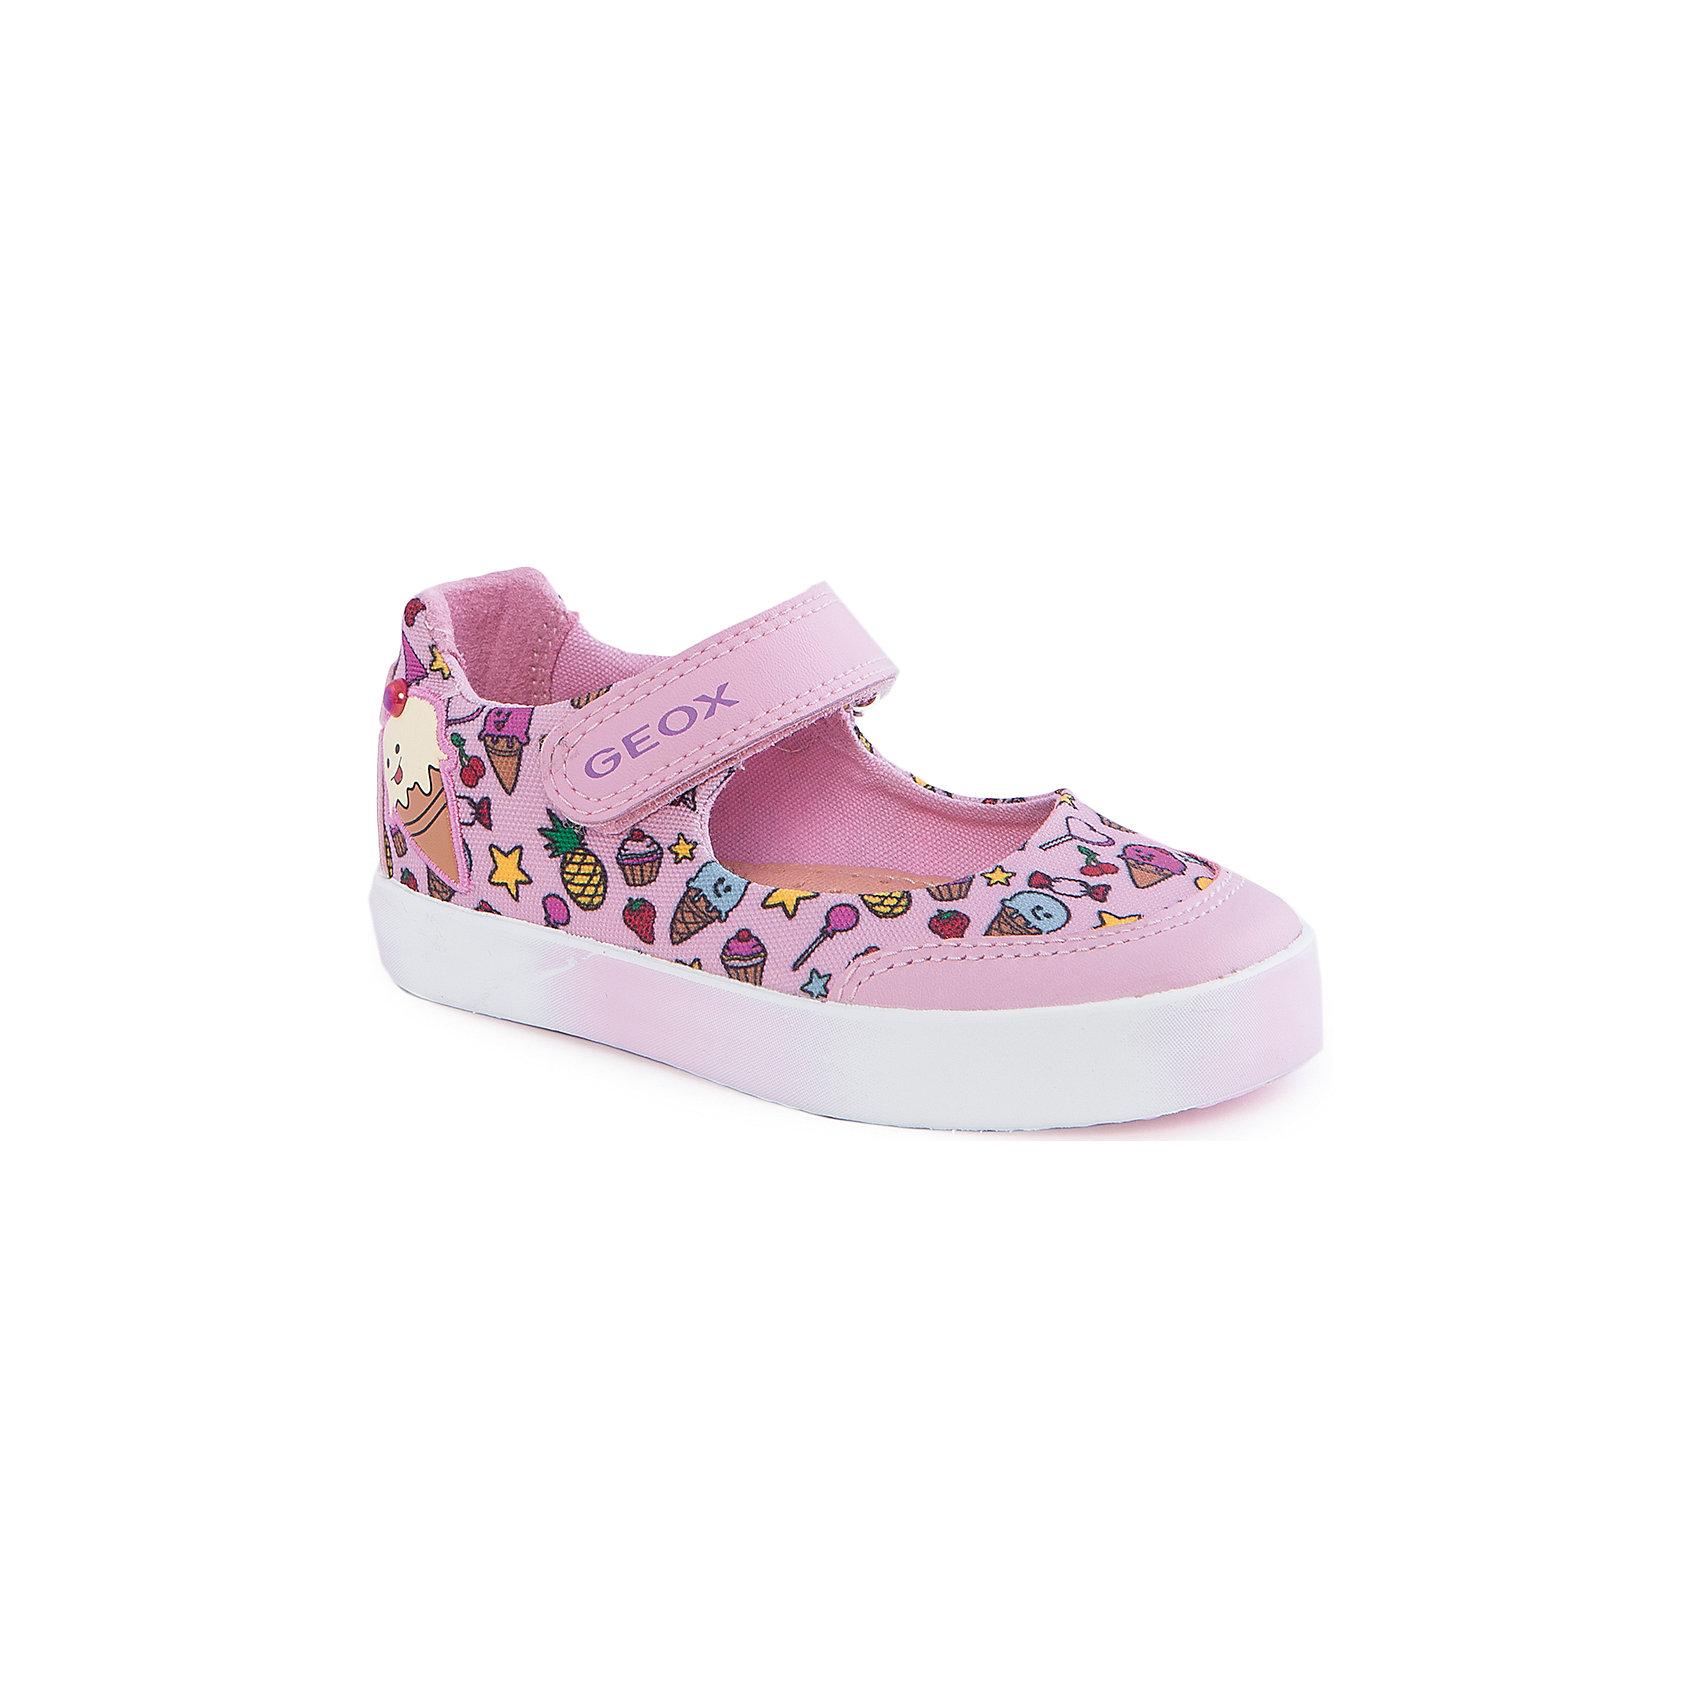 Туфли для девочки GEOXТуфли для девочки от популярной марки GEOX (Геокс).<br><br>Легкие туфли с принтом - отличная обувь для нового весенне-летнего сезона. Модель очень стильно и оригинально смотрится.<br>Производитель обуви заботится не только о внешнем виде, но и стабильно высоком качестве продукции. GEOX (Геокс) разработал специальную дышащую подошву, которая не пропускает влагу внутрь, а также высокотехнологичную стельку.<br><br>Отличительные особенности модели:<br><br>- цвет: розовый;<br>- украшены ярким принтом;<br>- гибкая водоотталкивающая подошва с дышащей мембраной;<br>- мягкий и легкий верх;<br>- защита пальцев;<br>- стильный дизайн;<br>- застежки-липучки;<br>- комфортное облегание;<br>- верх обуви и подкладка сделаны без использования хрома.<br><br>Дополнительная информация:<br><br>- Состав:<br><br>материал верха: текстиль, синтетический материал<br>материал подкладки: текстиль<br>подошва: 100% резина<br><br>Туфли для девочки GEOX (Геокс) (Геокс) можно купить в нашем магазине.<br><br>Ширина мм: 227<br>Глубина мм: 145<br>Высота мм: 124<br>Вес г: 325<br>Цвет: розовый<br>Возраст от месяцев: 15<br>Возраст до месяцев: 18<br>Пол: Женский<br>Возраст: Детский<br>Размер: 22,24,23,26,27,25<br>SKU: 4519492